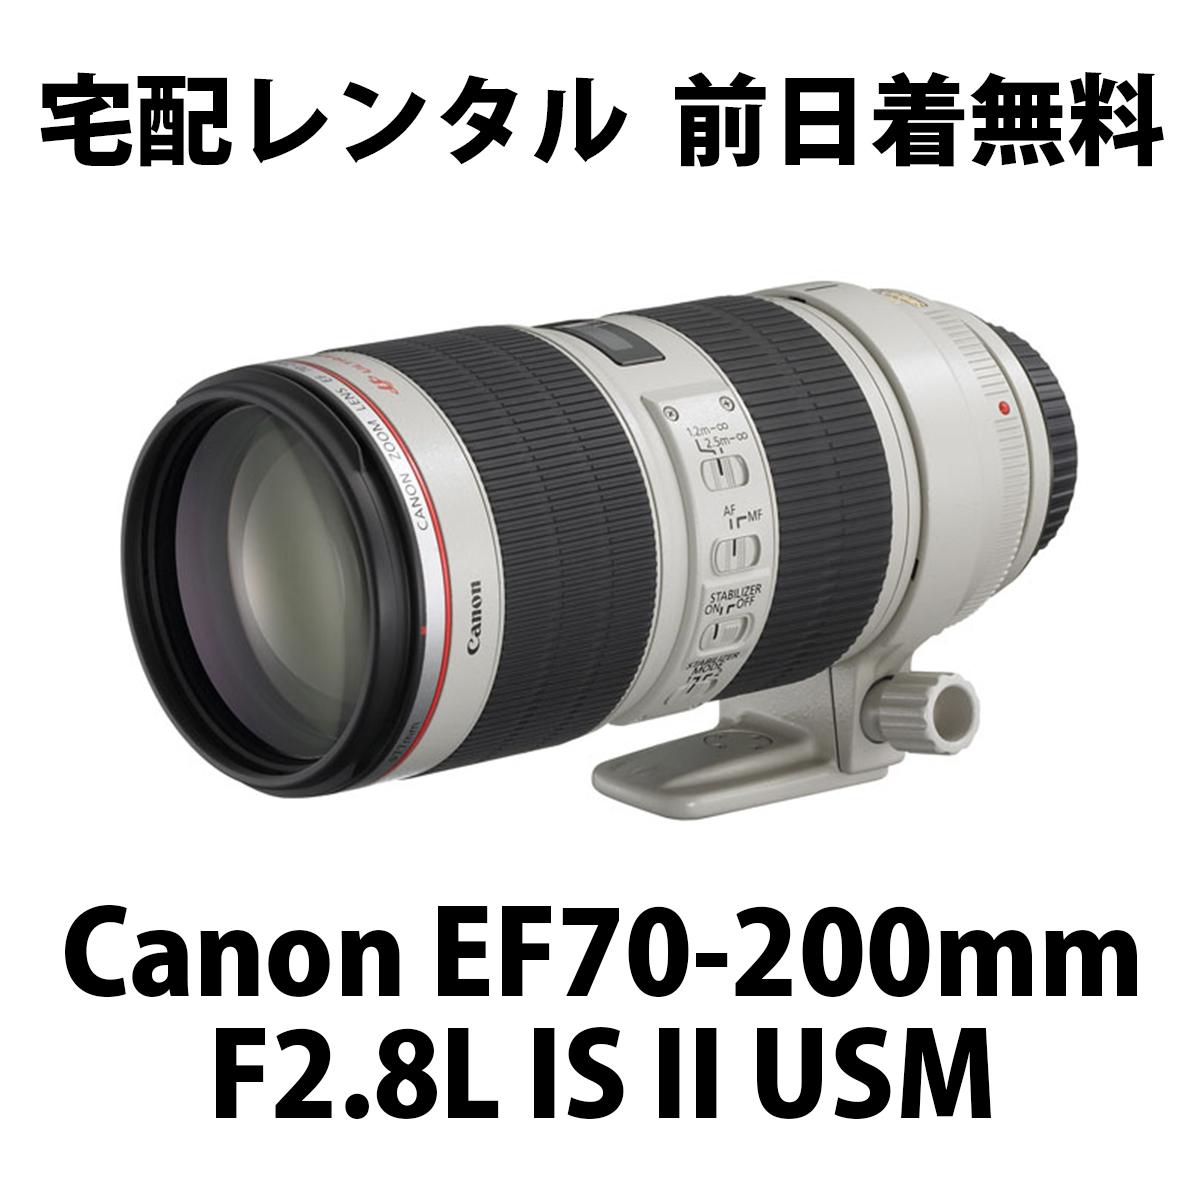 宅配レンタル★Canon EF70-200mm F2.8L IS II USM★1日1,780円 前日着